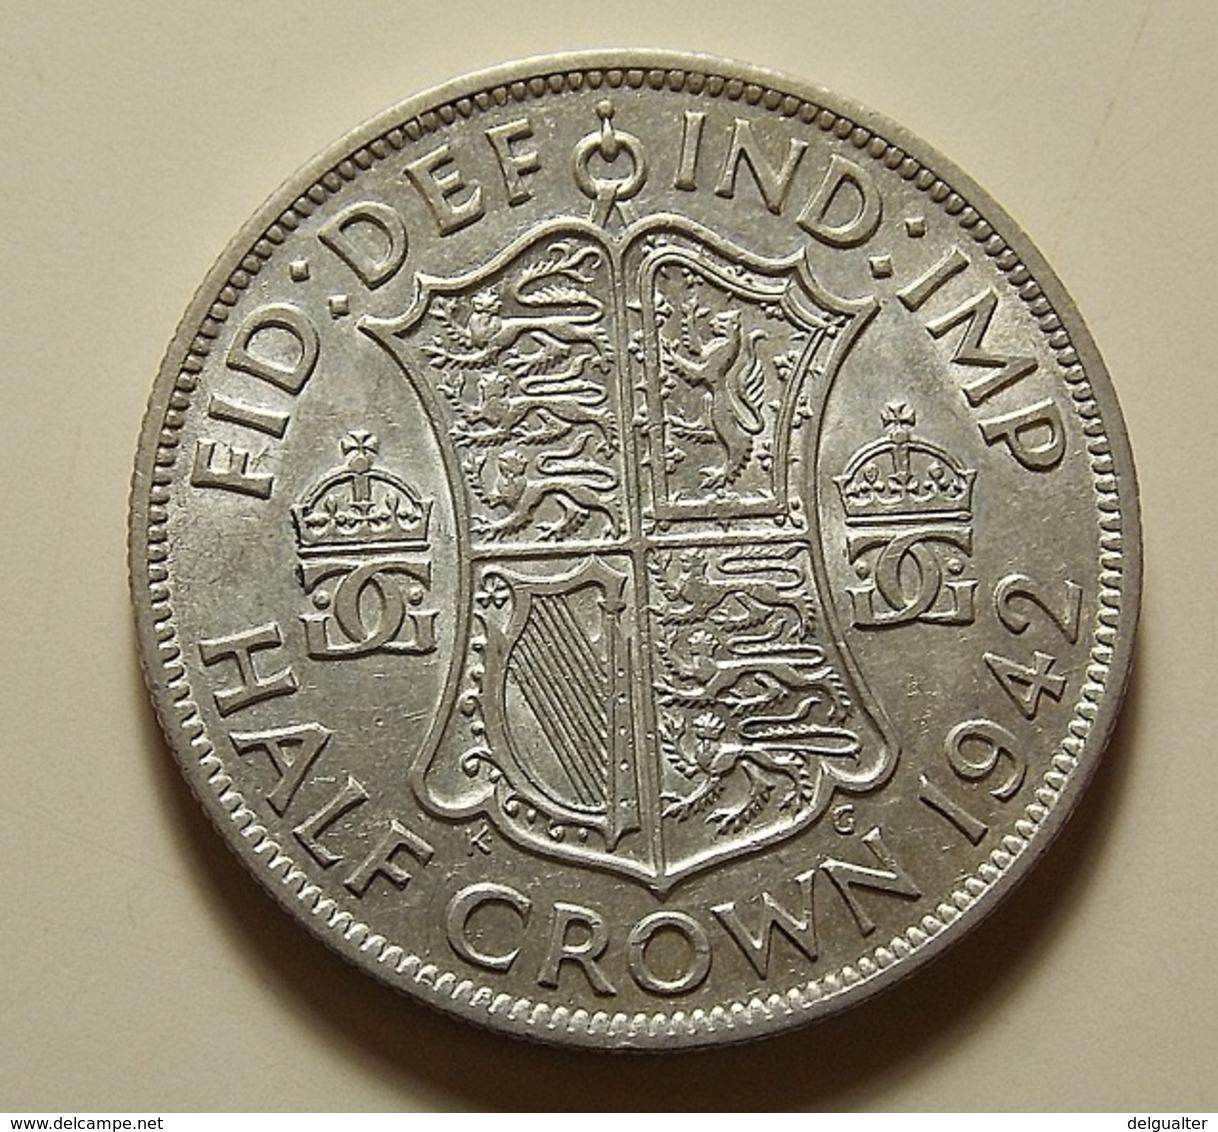 Great Britain 1/2 Crown 1942 Silver - 1902-1971: Postviktorianische Münzen